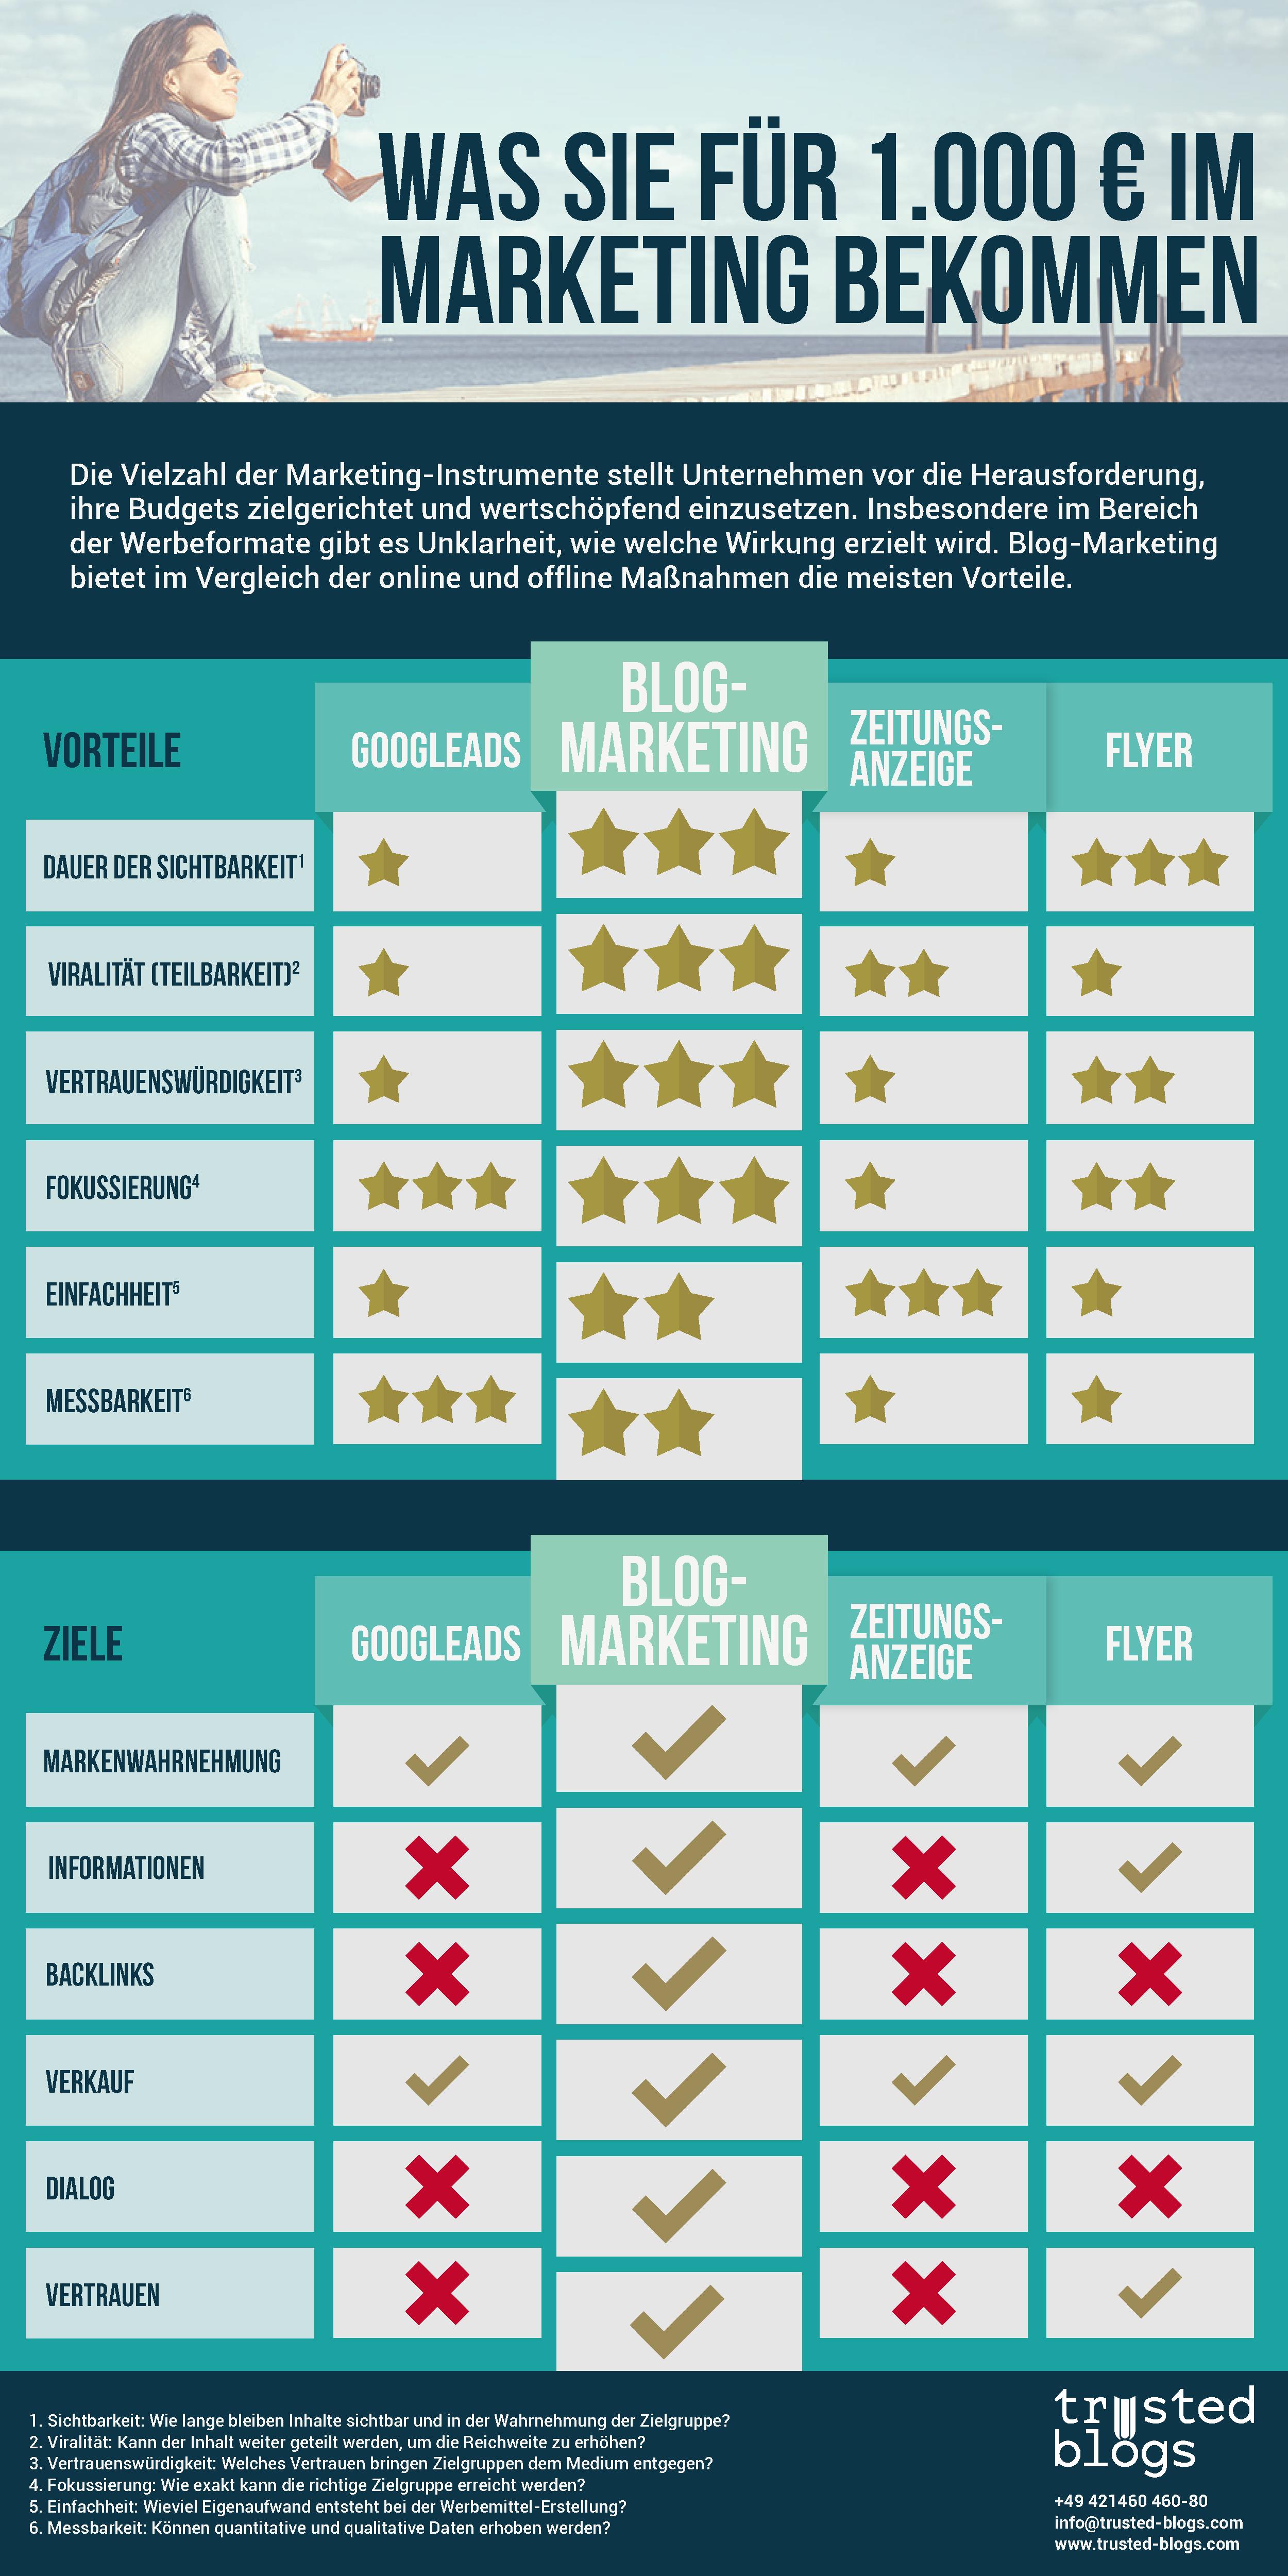 Imagegrafik: das bekommst du für 1.000 Euro Marketing-Budget